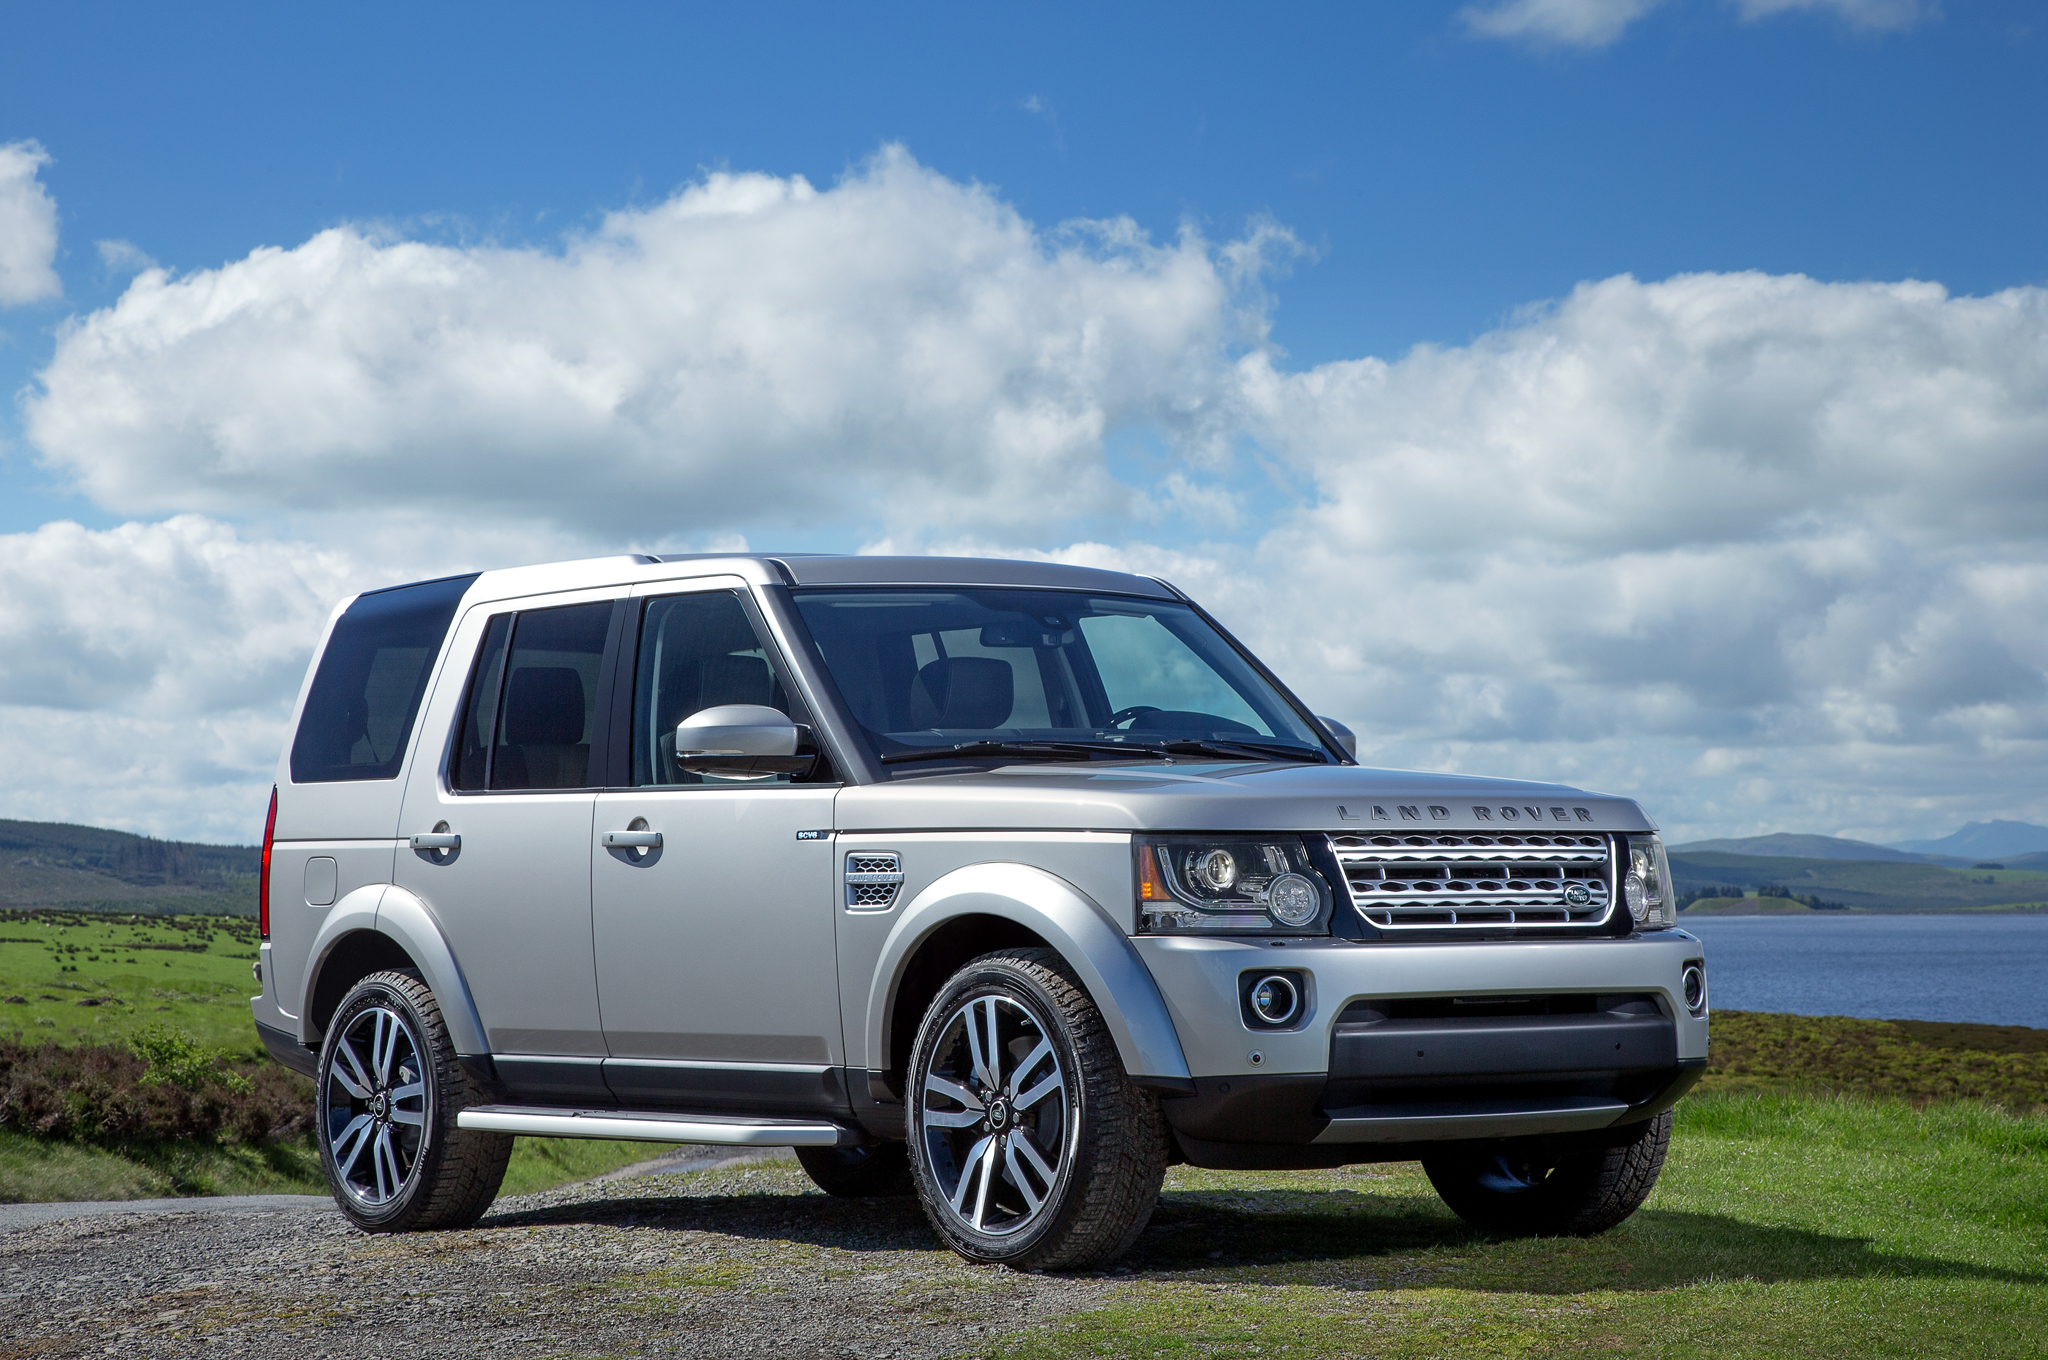 Vwvortex Com 2017 Land Rover Discovery 5 Spied Testing